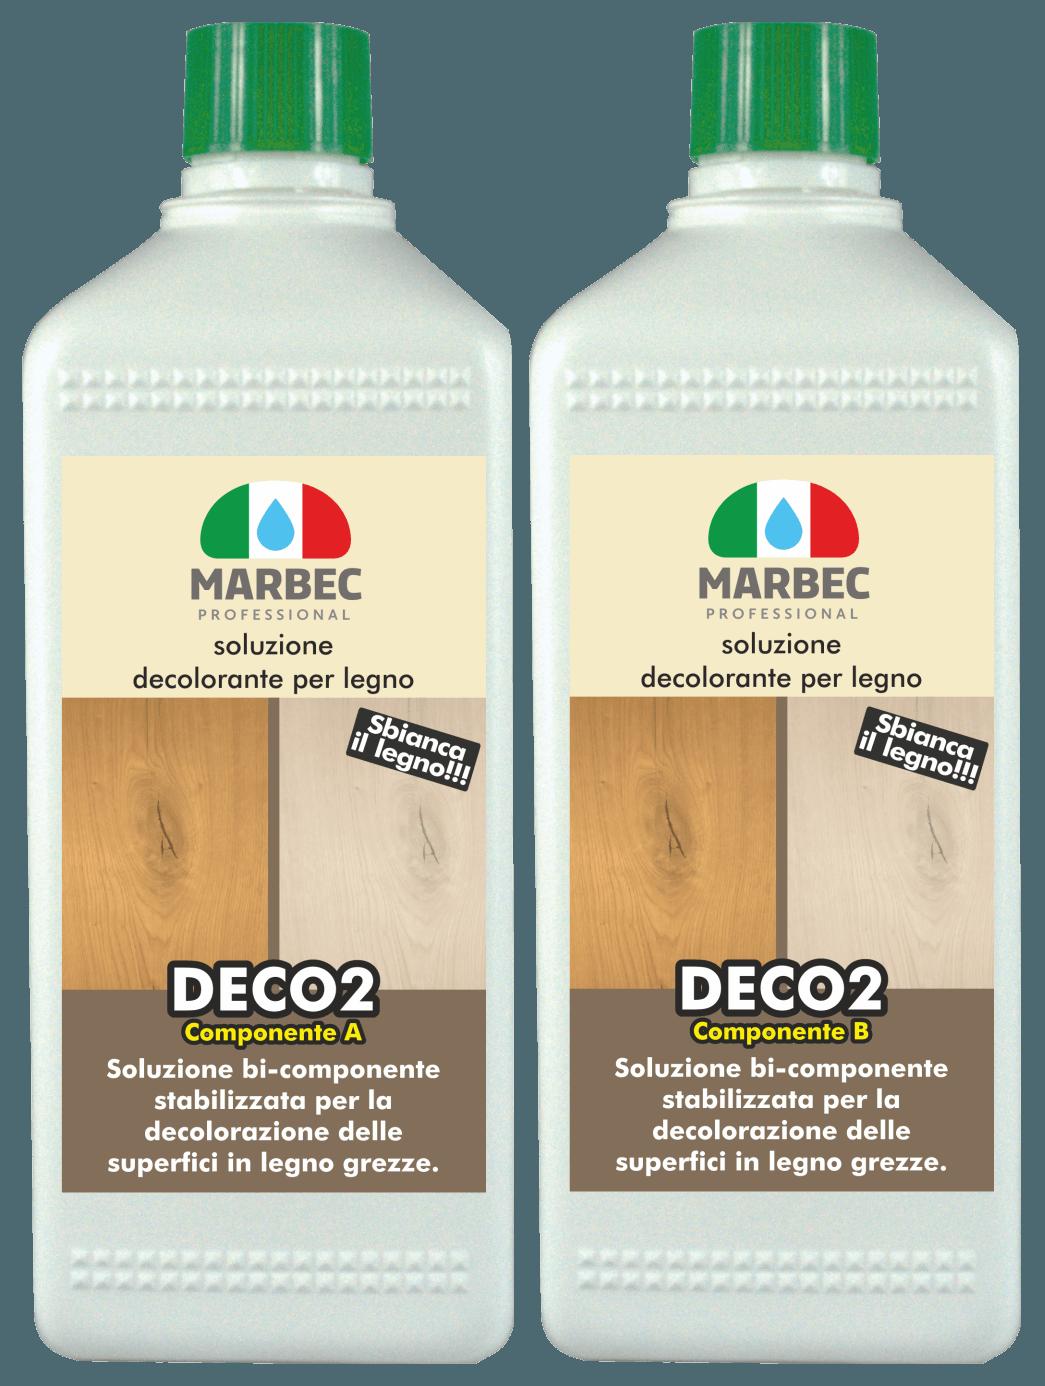 MARBEC | DECO2 1LT+500ML Soluzione decolorante per legno